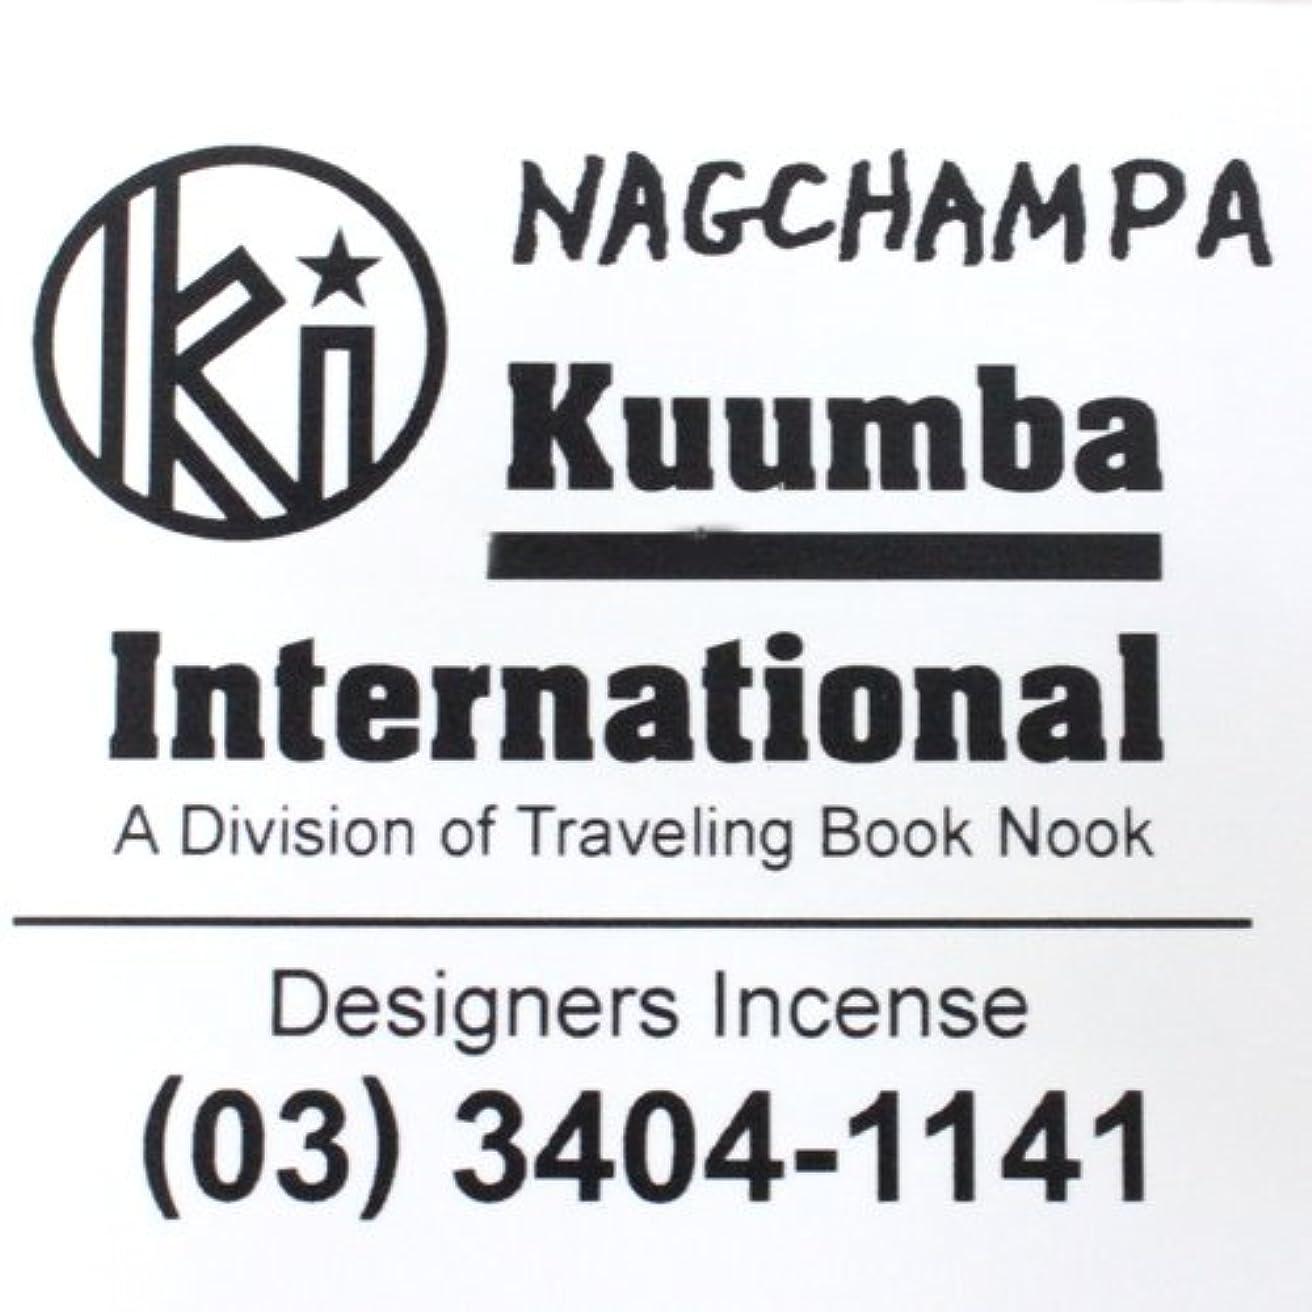 冗長どっち証人KUUMBA (クンバ)『incense』(NAGCHAMPA) (Regular size)